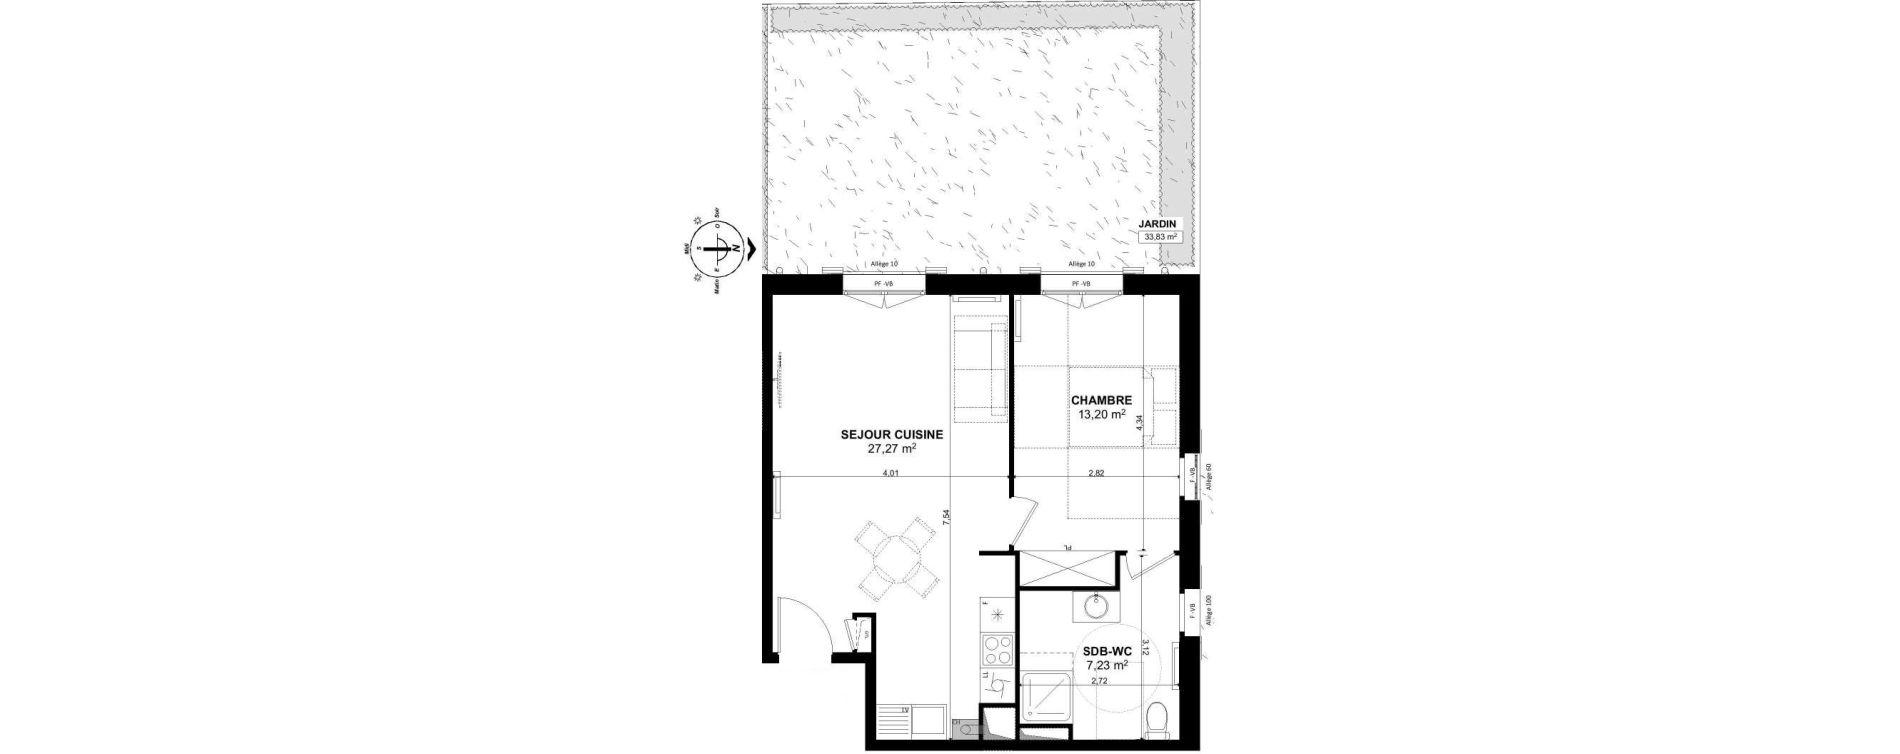 Appartement T2 de 47,70 m2 à Pont-Sainte-Maxence Pont ste maxence